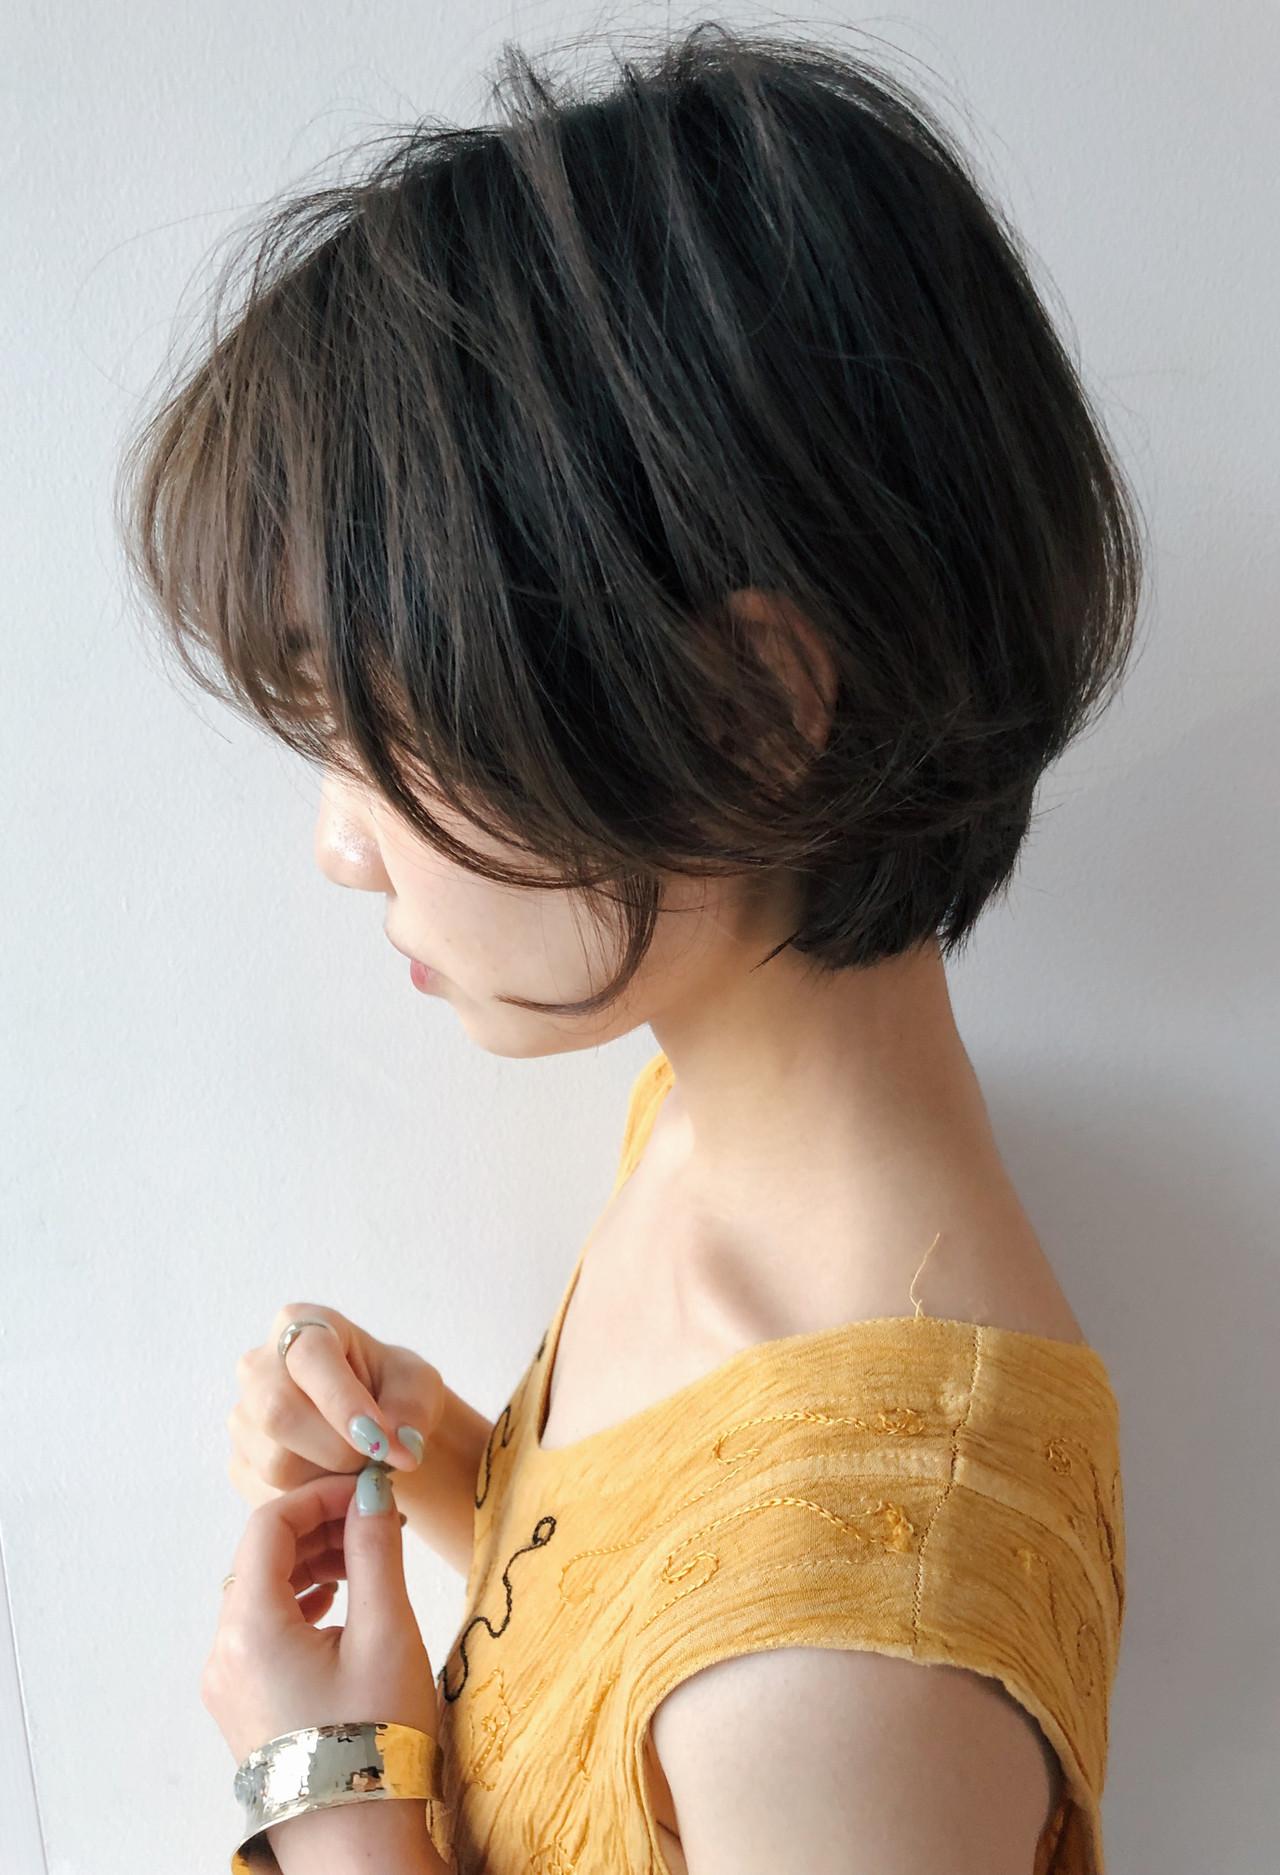 マッシュショート ハンサムショート ショート ショートボブ ヘアスタイルや髪型の写真・画像